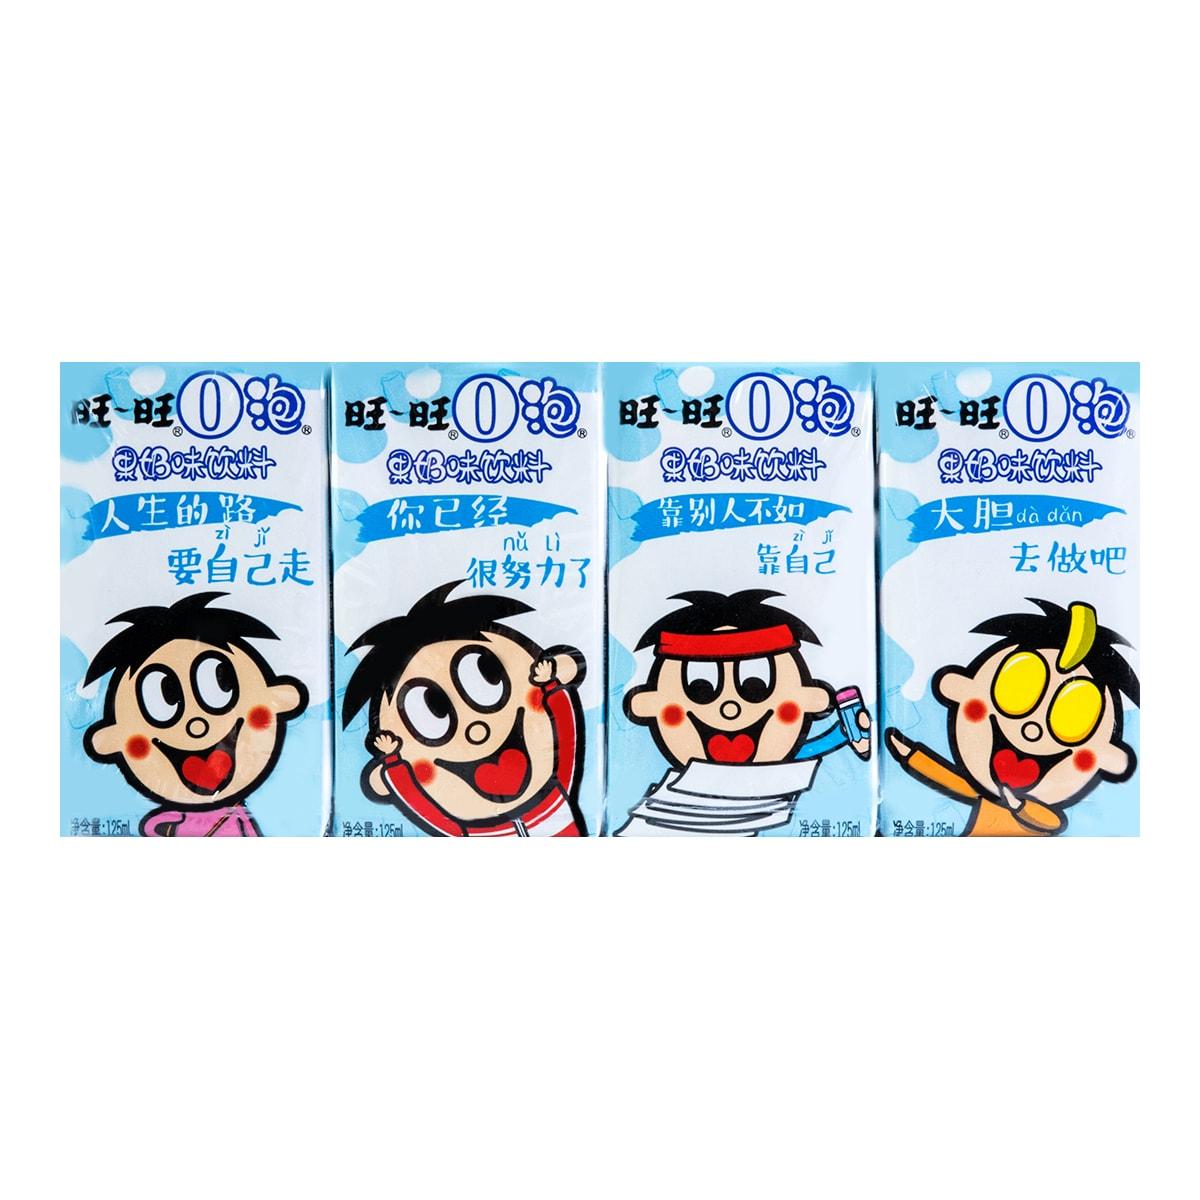 旺旺 O泡果奶味饮料 4连包 125ml*4